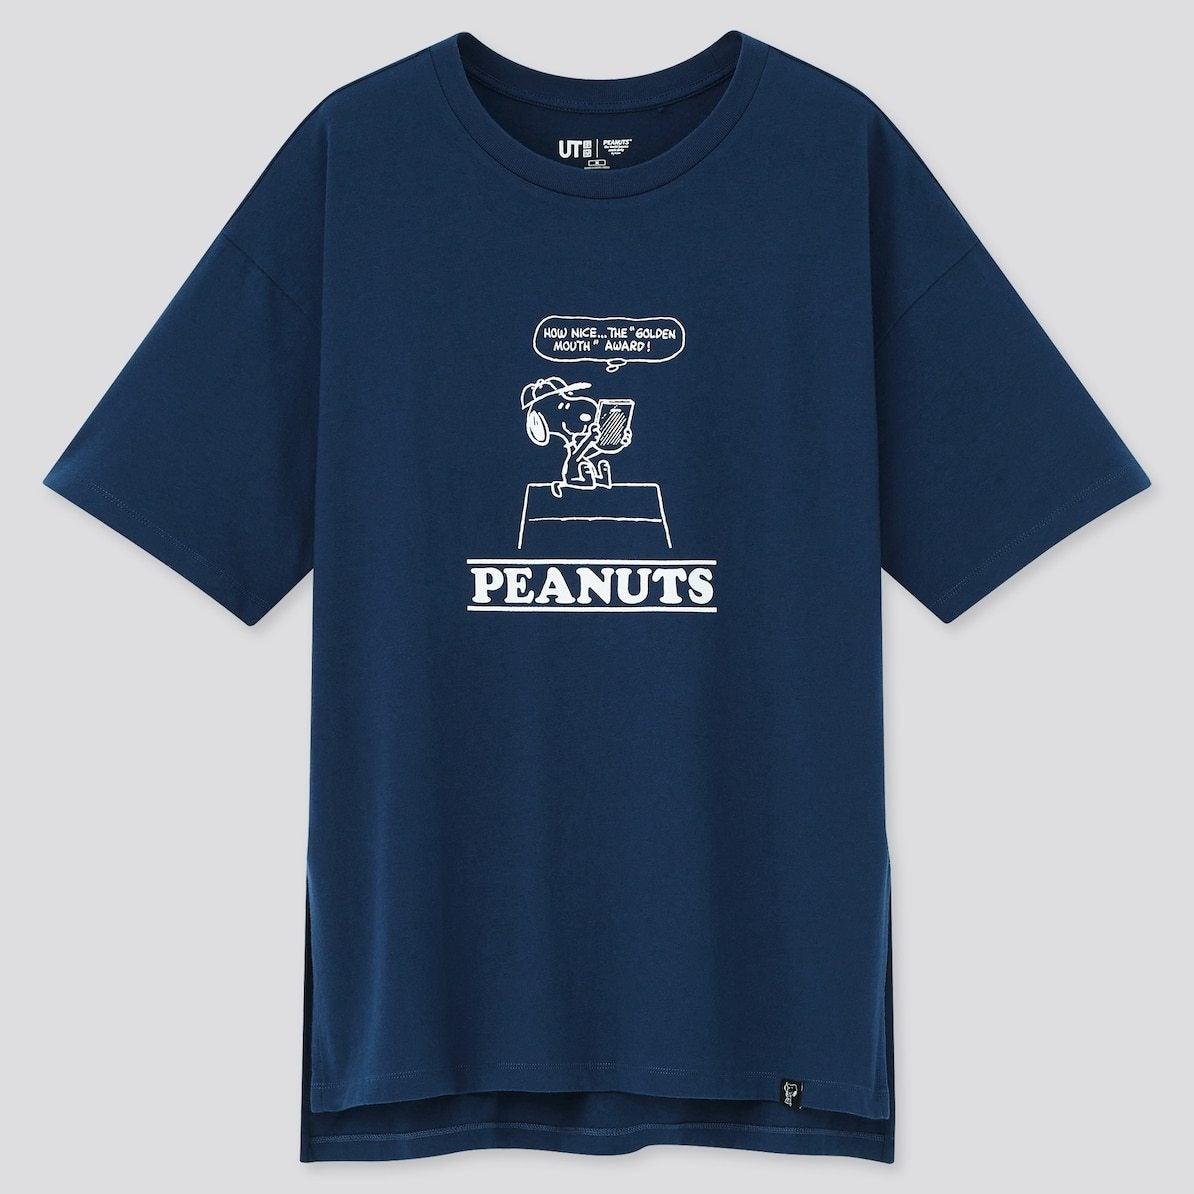 ユニクロ UNIQLO UT Tシャツ ユーティー スヌーピー ピーナッツ SNOOPY PEANUTS ヴィンテージ VINTAGE コラボ 新作 トップス おすすめ レディース 女性 ブルー 青 ネイビー